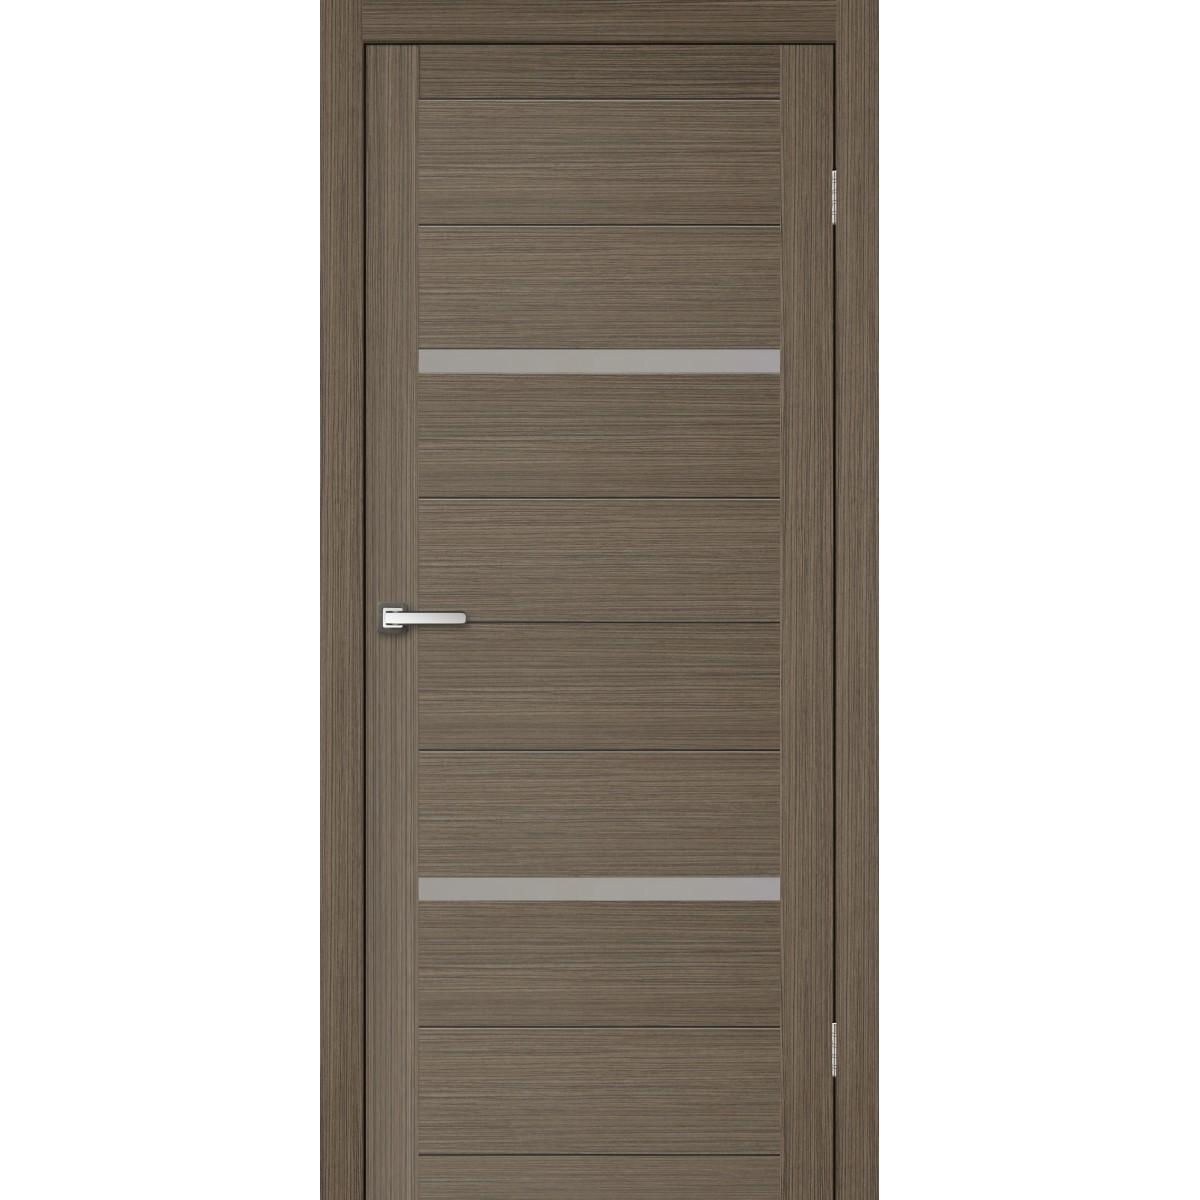 Дверь Межкомнатная Остеклённая Бэлла 80x200 Ламинация Цвет Мокко С Фурнитурой